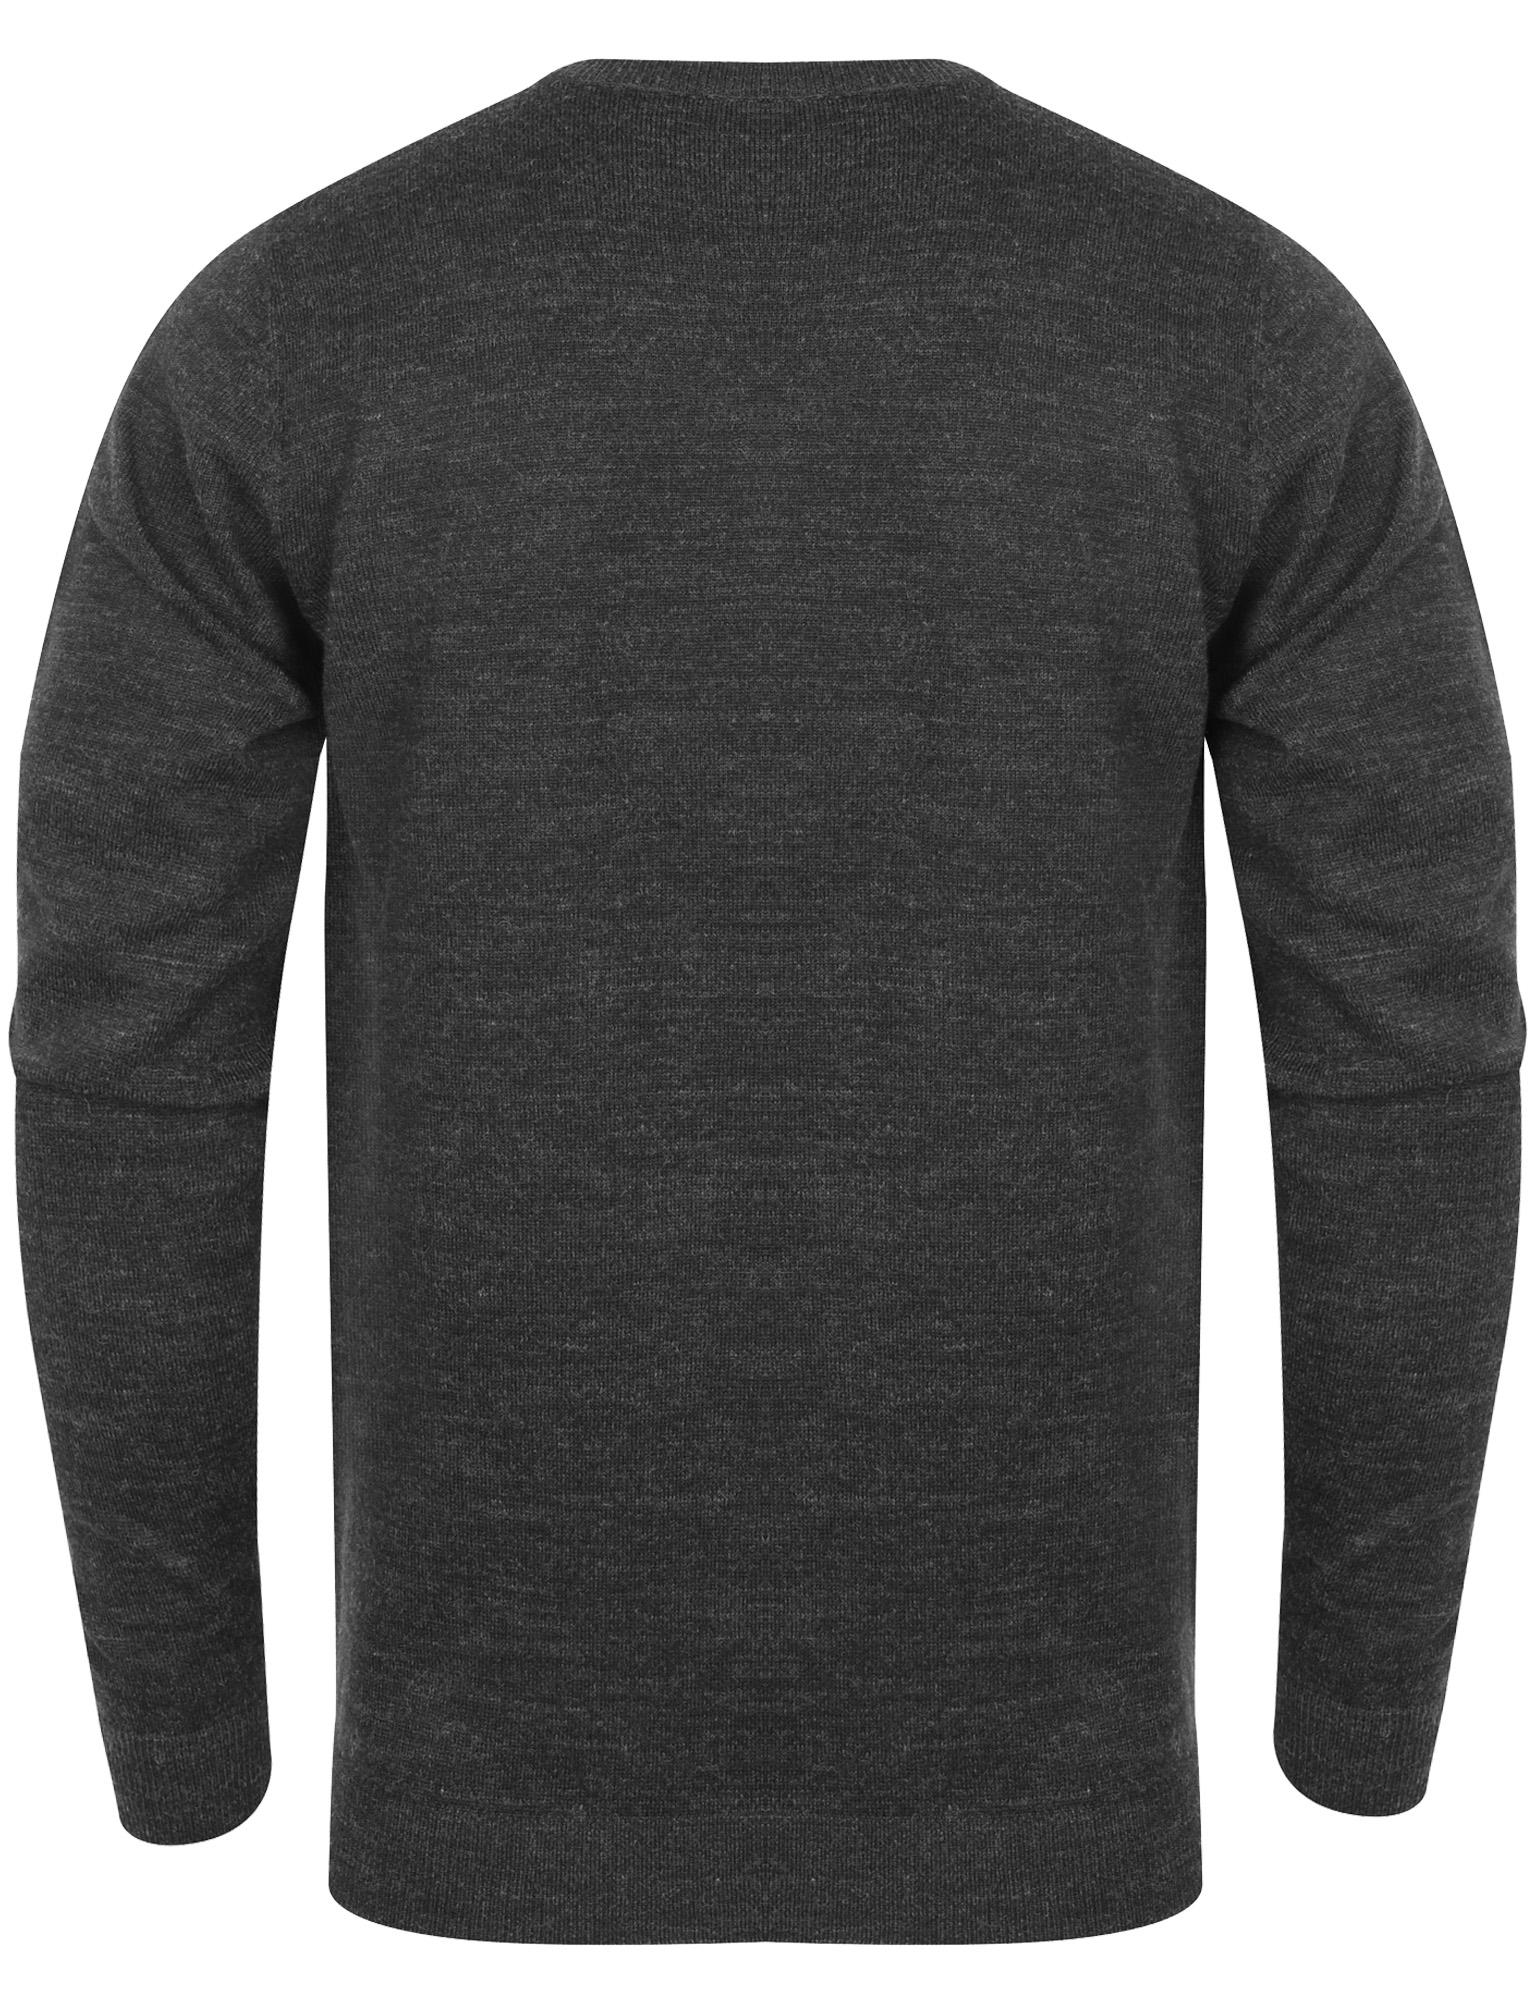 Kensington-Eastside-Men-039-s-Wool-Blend-Knitted-Crew-or-V-Neck-Jumper-Sweater-Top thumbnail 31